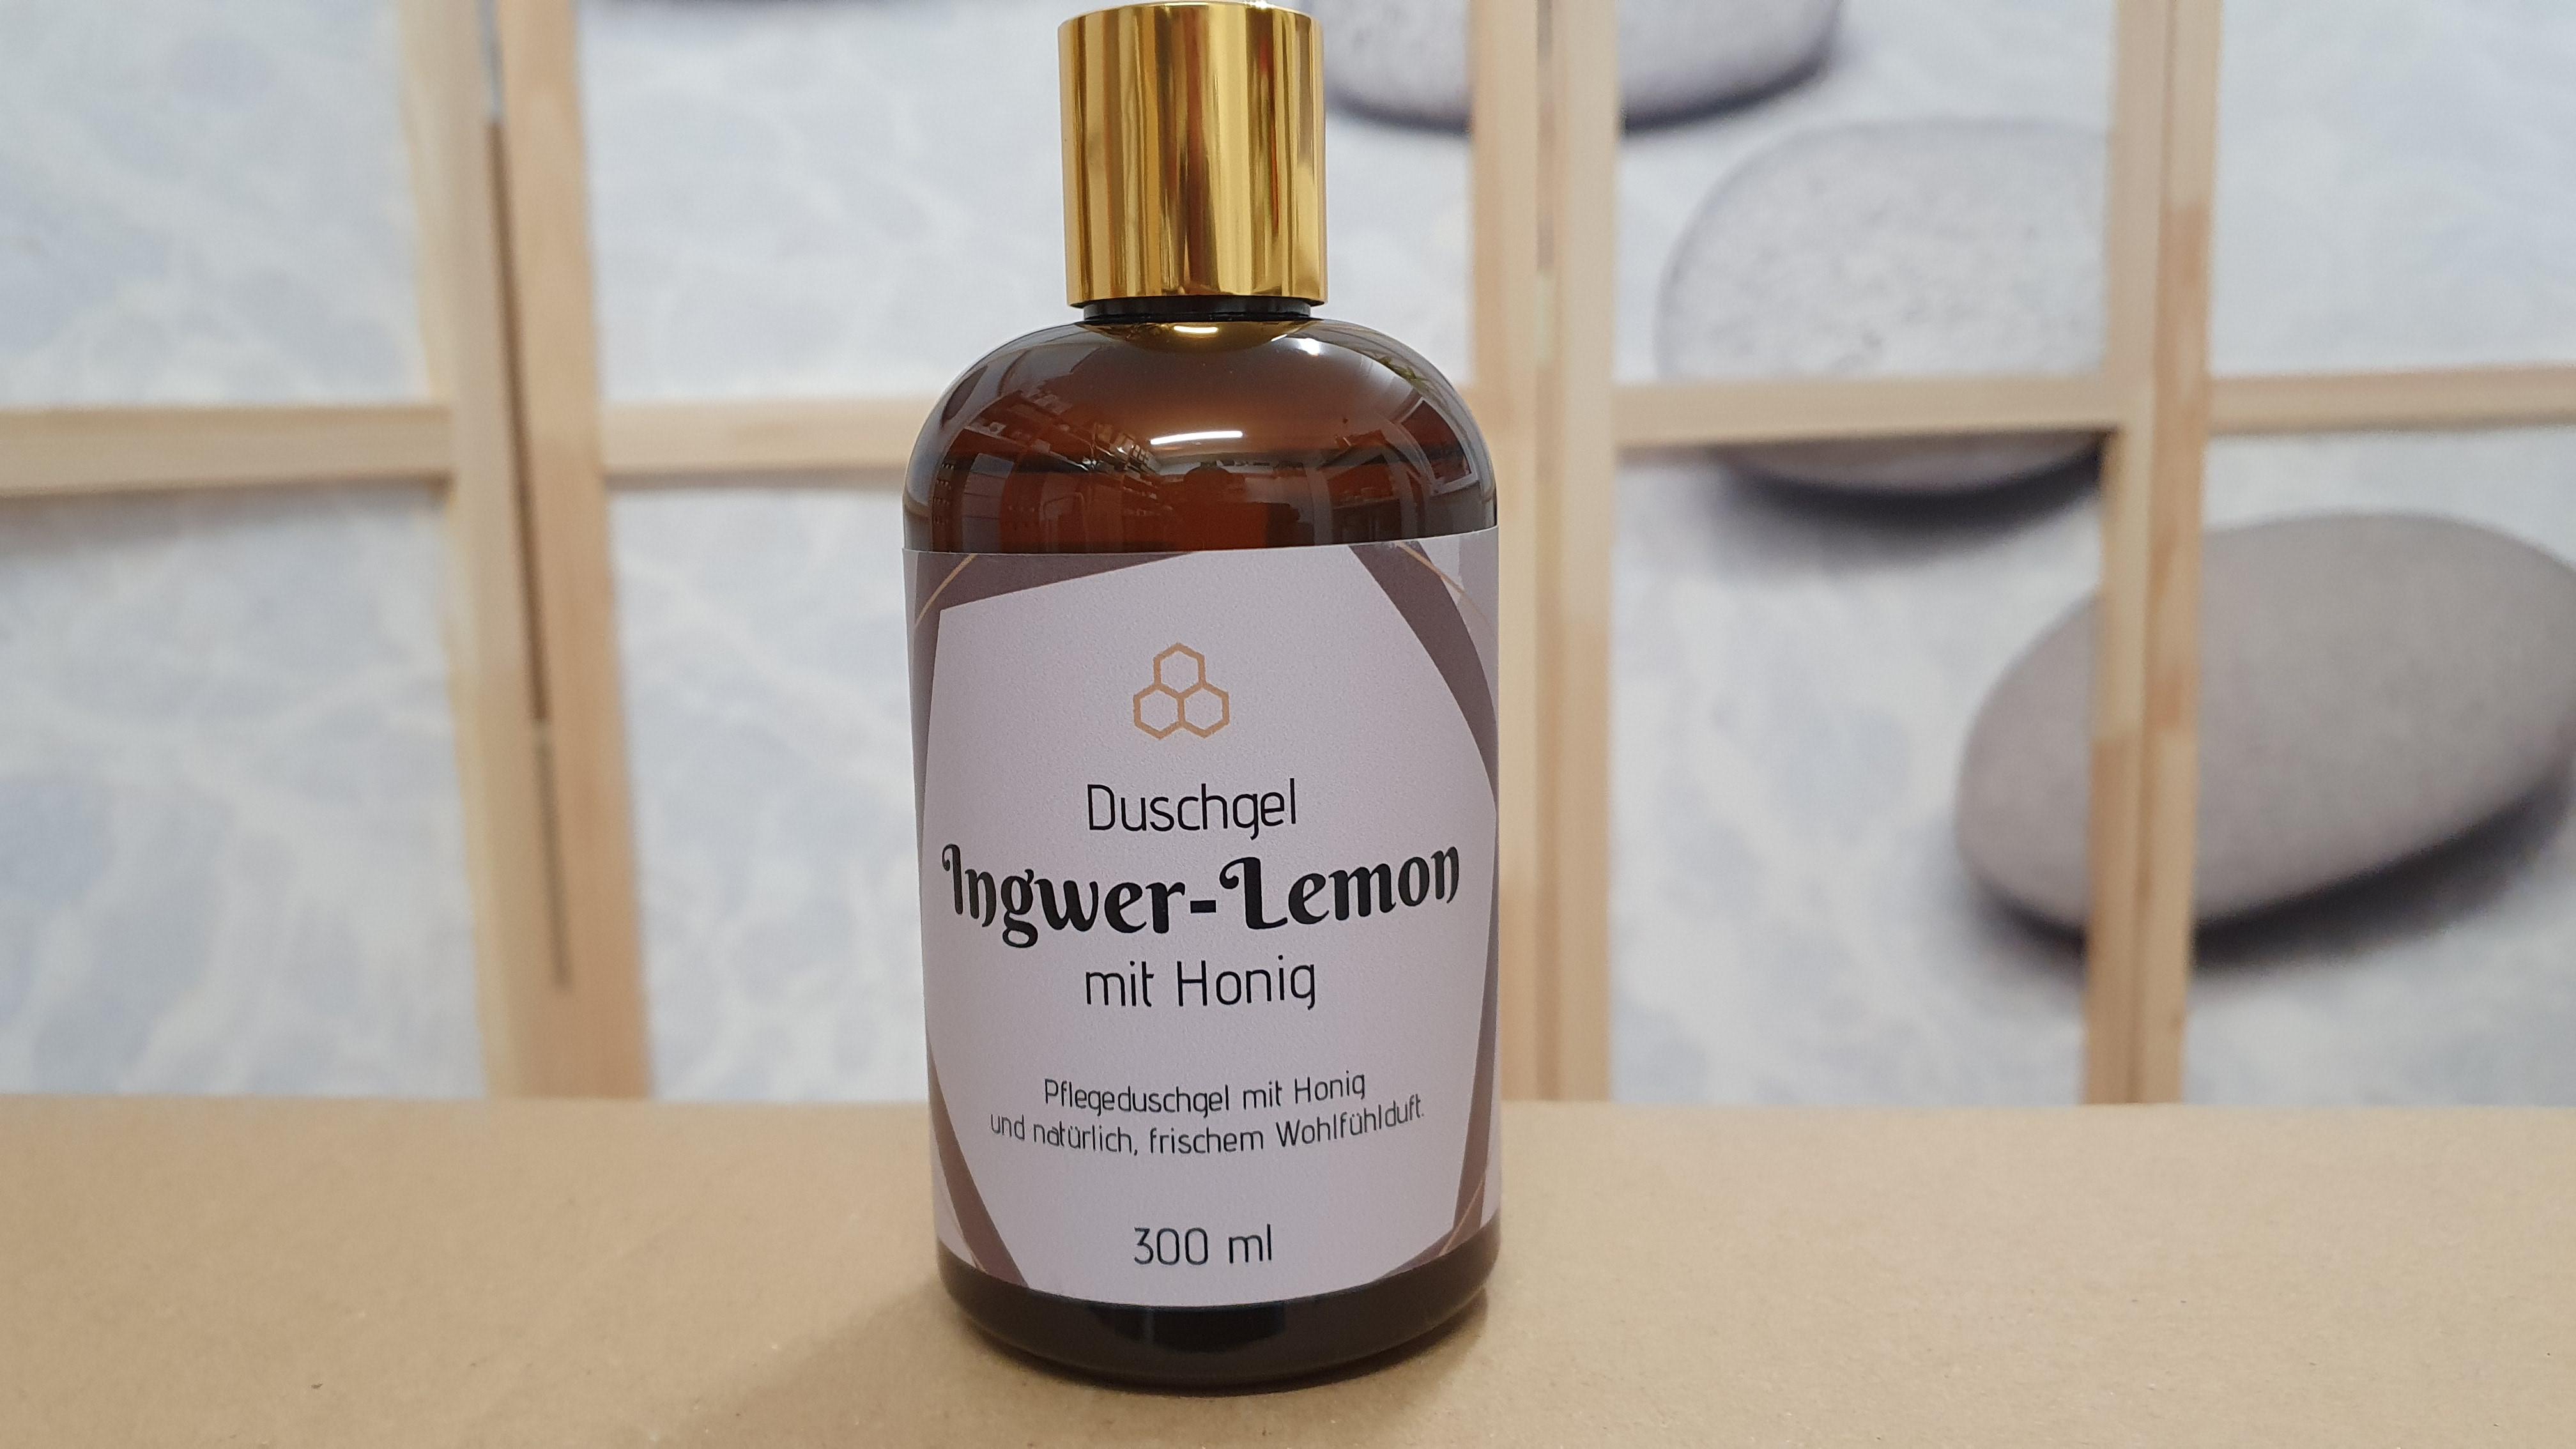 Ingwer Lemon Honig Duschgel